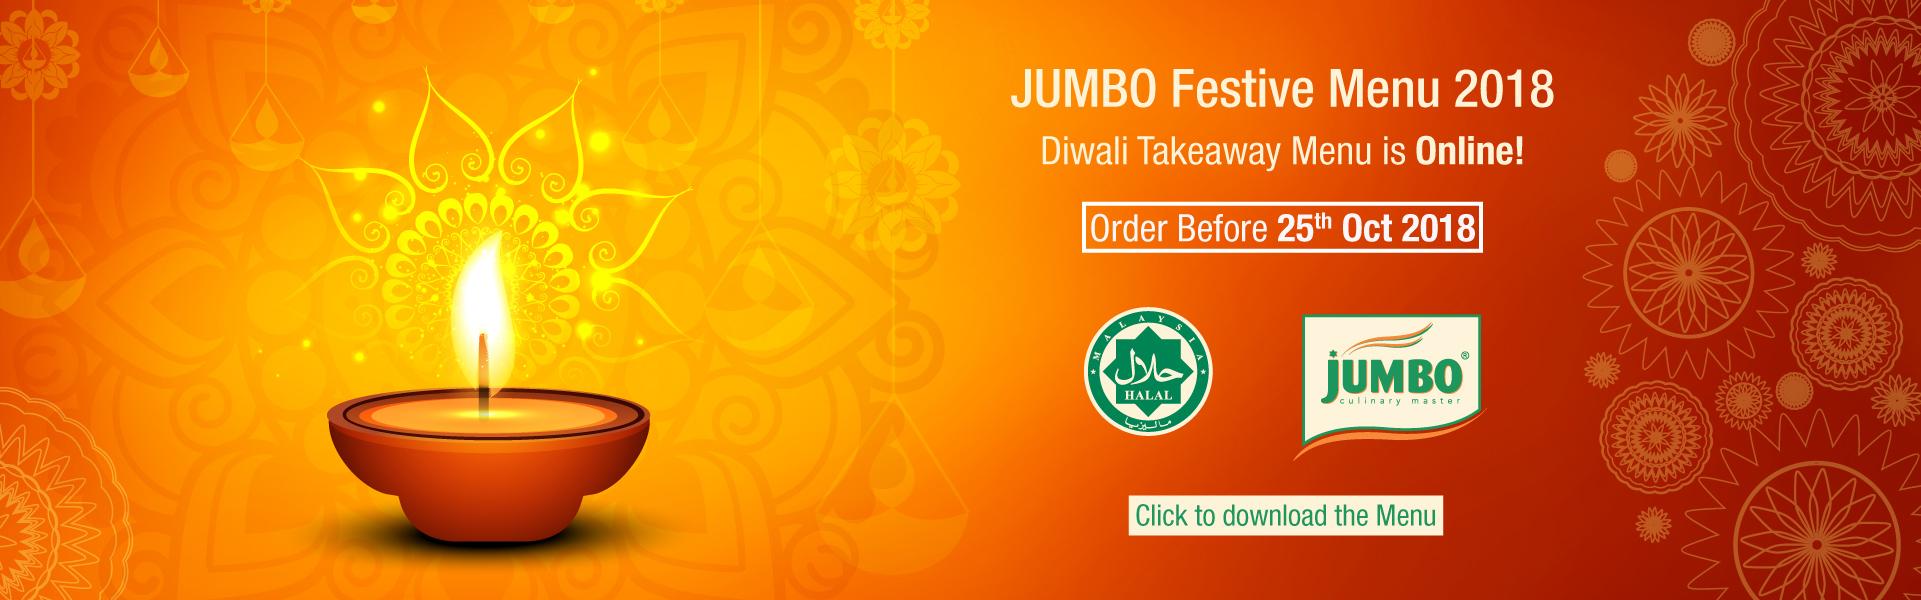 Jumbo Diwali menu 2018